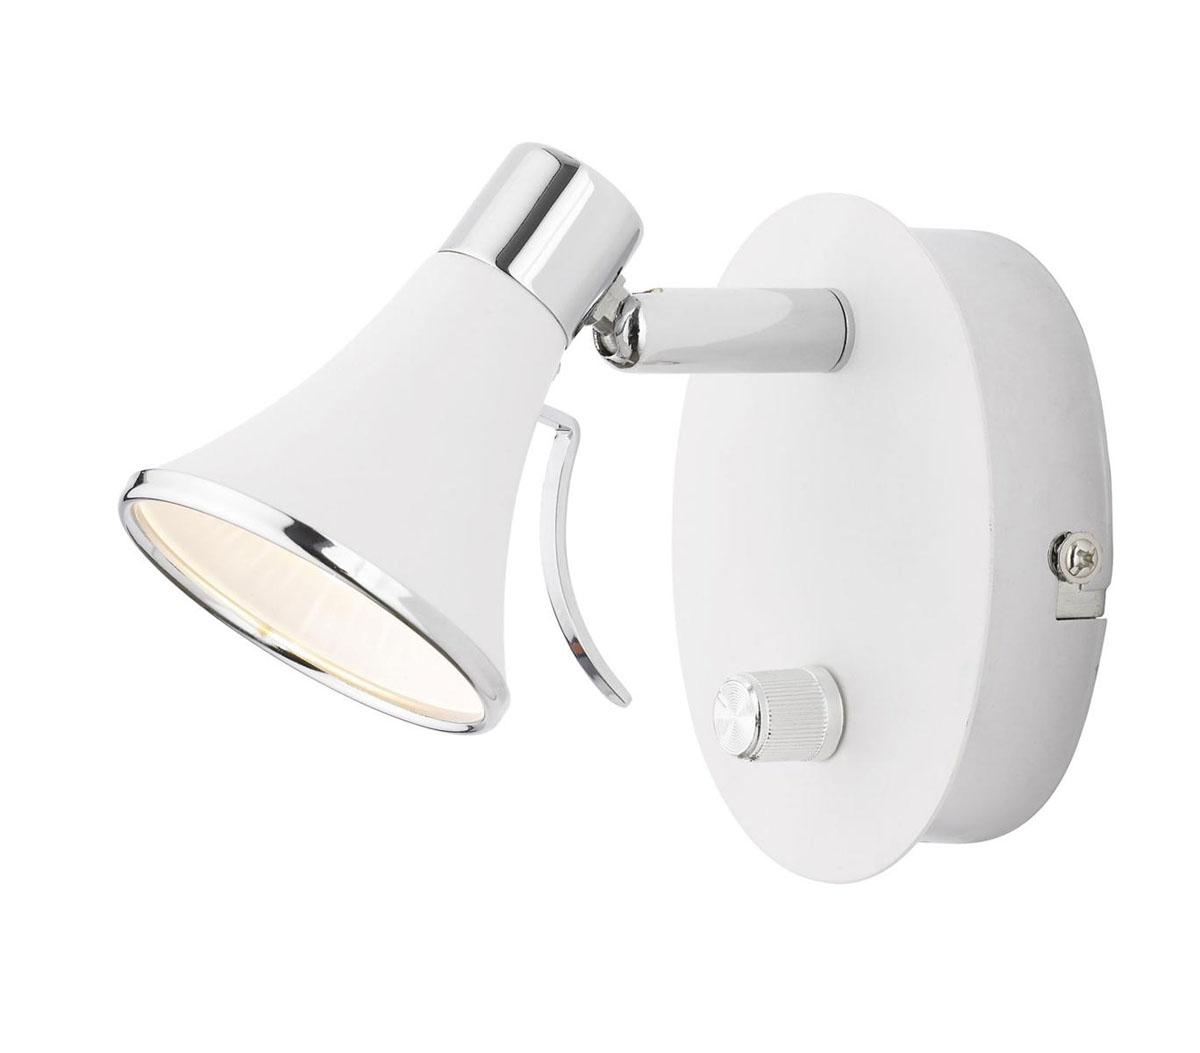 Светильник настенный LampGustaf Boston, цвет: белый. 08180223T4LWLСветильник настенный LampGustaf Boston выполненный в современном стиле отлично впишется в интерьер вашего дома. Он хорошо смотрится как в классическом, так и в современном помещении, на штукатурке, дереве или обоях любой расцветки.Для безопасной и надежной коммутации светильника в сеть на корпусе светильника установлена клеммная колодка. Светильник дает яркий ровный сфокусированный световой поток в выбранном направлении.Светильники и люстры - предметы, без которых мы не представляем себе комфортной жизни. Сегодня функции люстры не ограничиваются освещением помещения. Она также является центральной фигурой интерьера, подчеркивает общий стиль помещения, создает уют и дарит эстетическое удовольствие. Характеристики:Материал: металл. Размер светильника: 10 см х 12,5 см х 12 см. Количество лампочек: 1 (входит в комплект). Размер упаковки: 17 см х 13 см х 11 см.